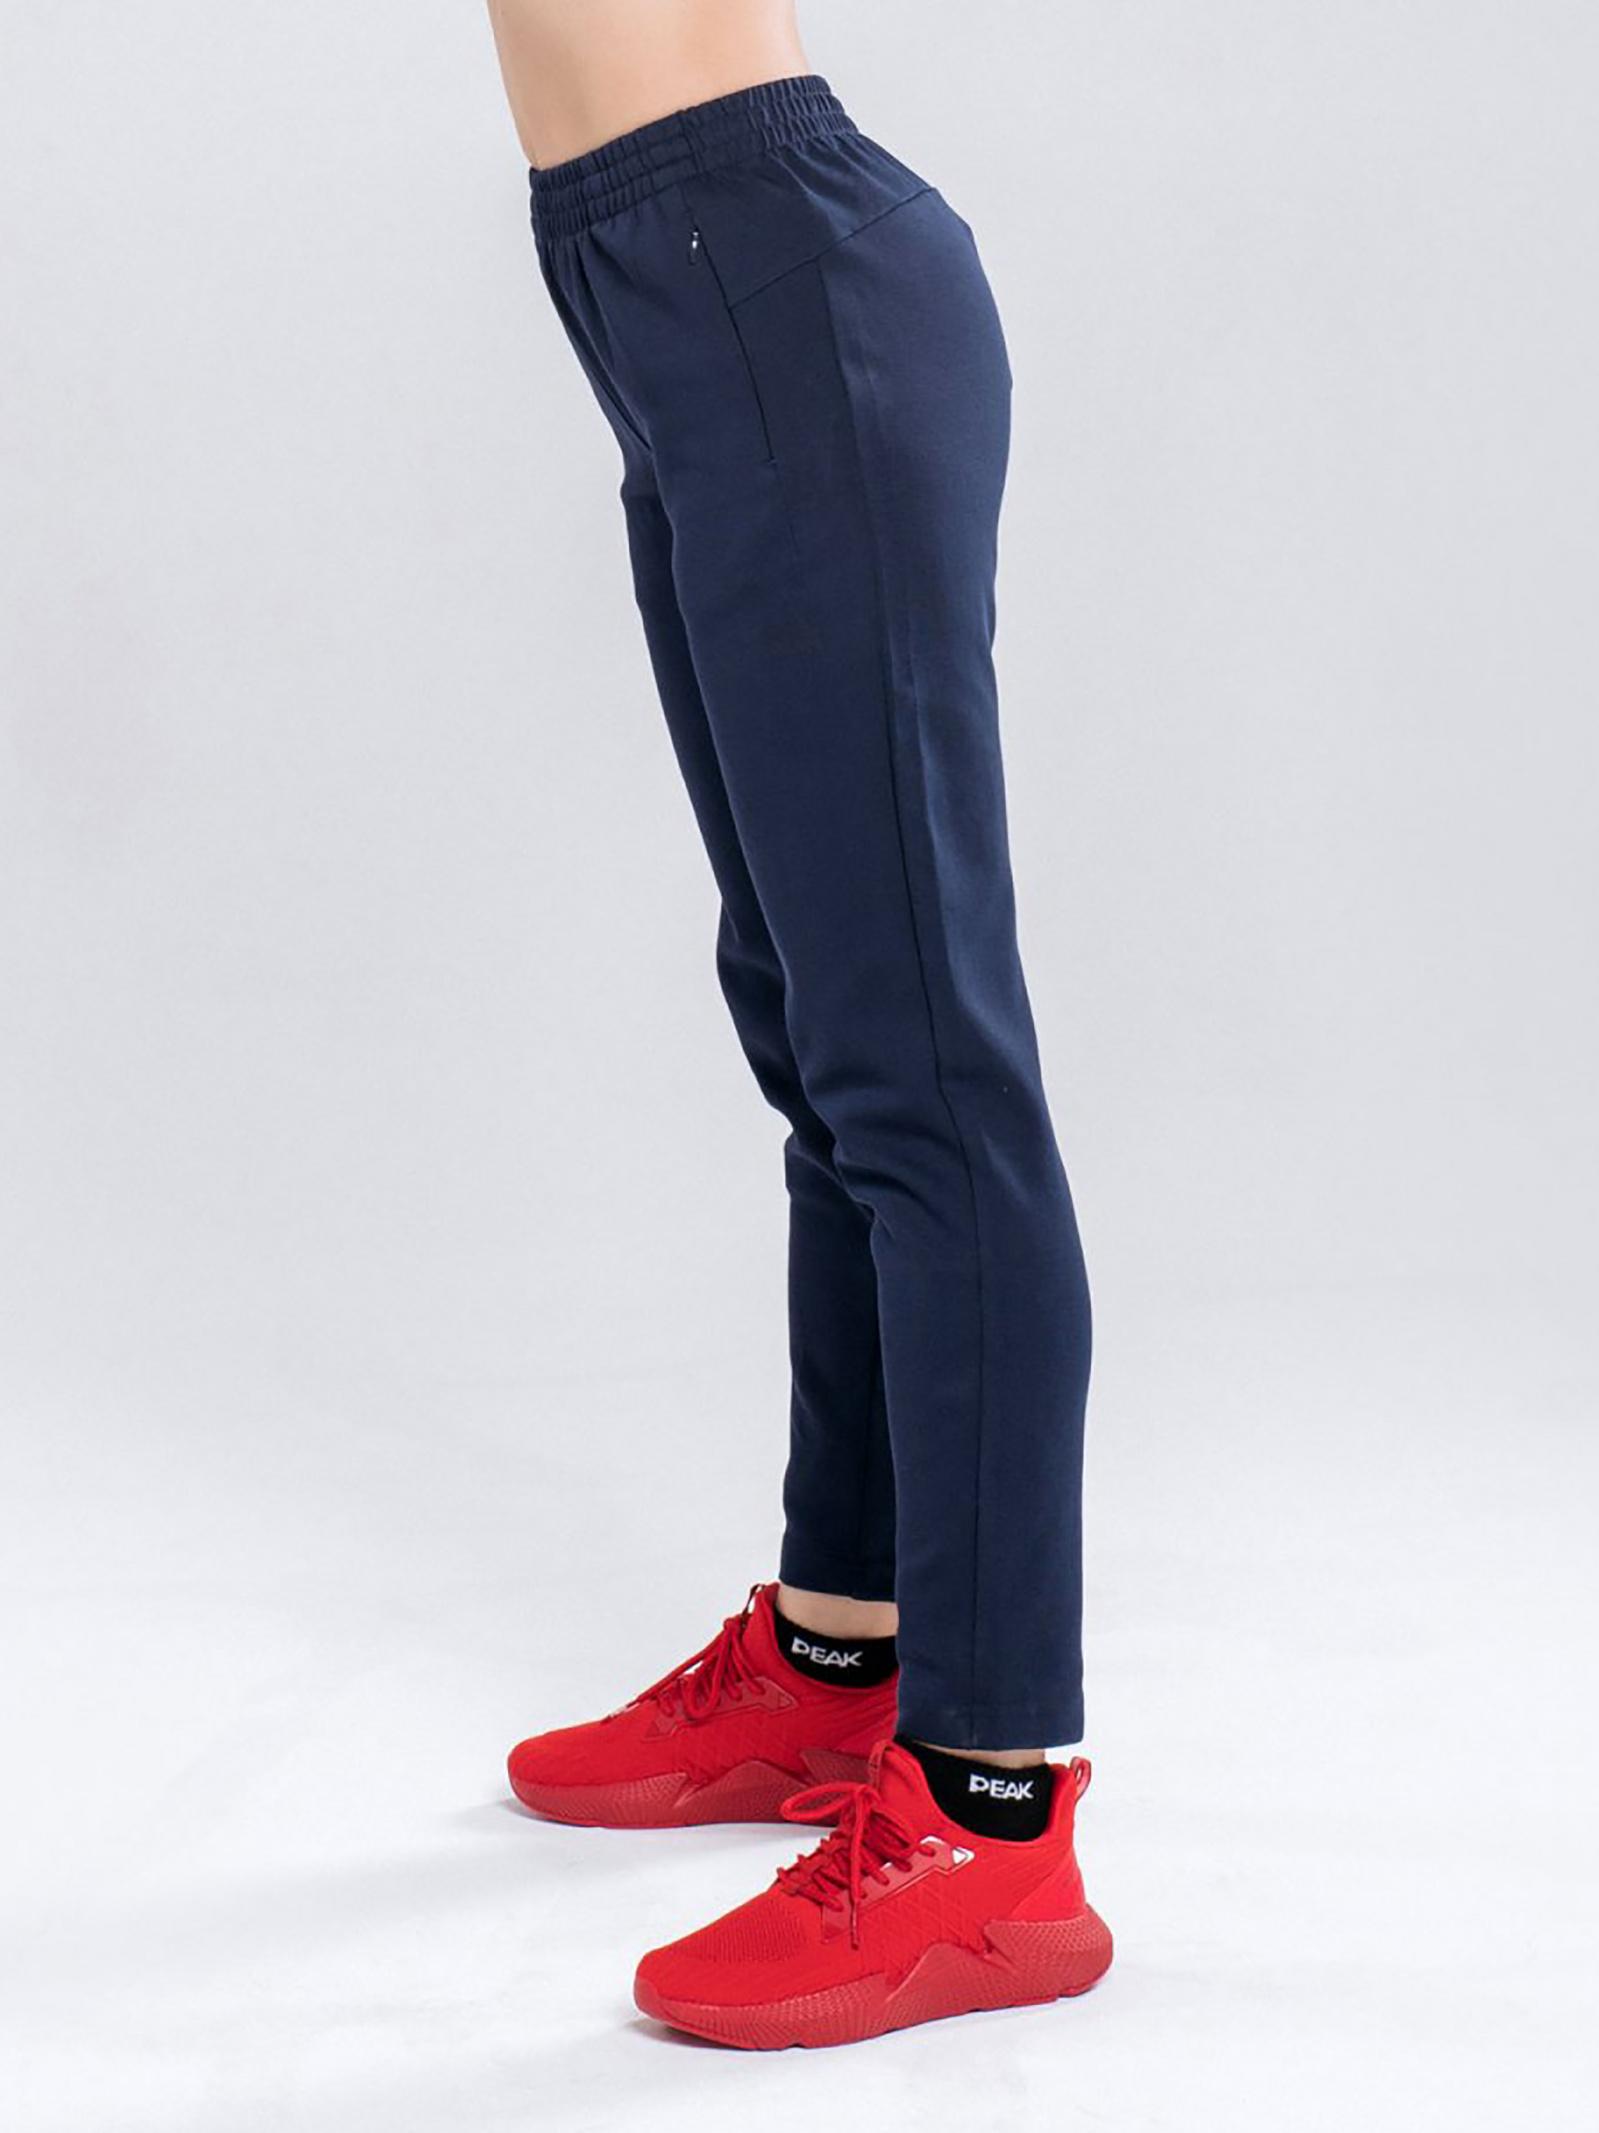 Peak Штани спортивні жіночі модель FW391012-NAV , 2017